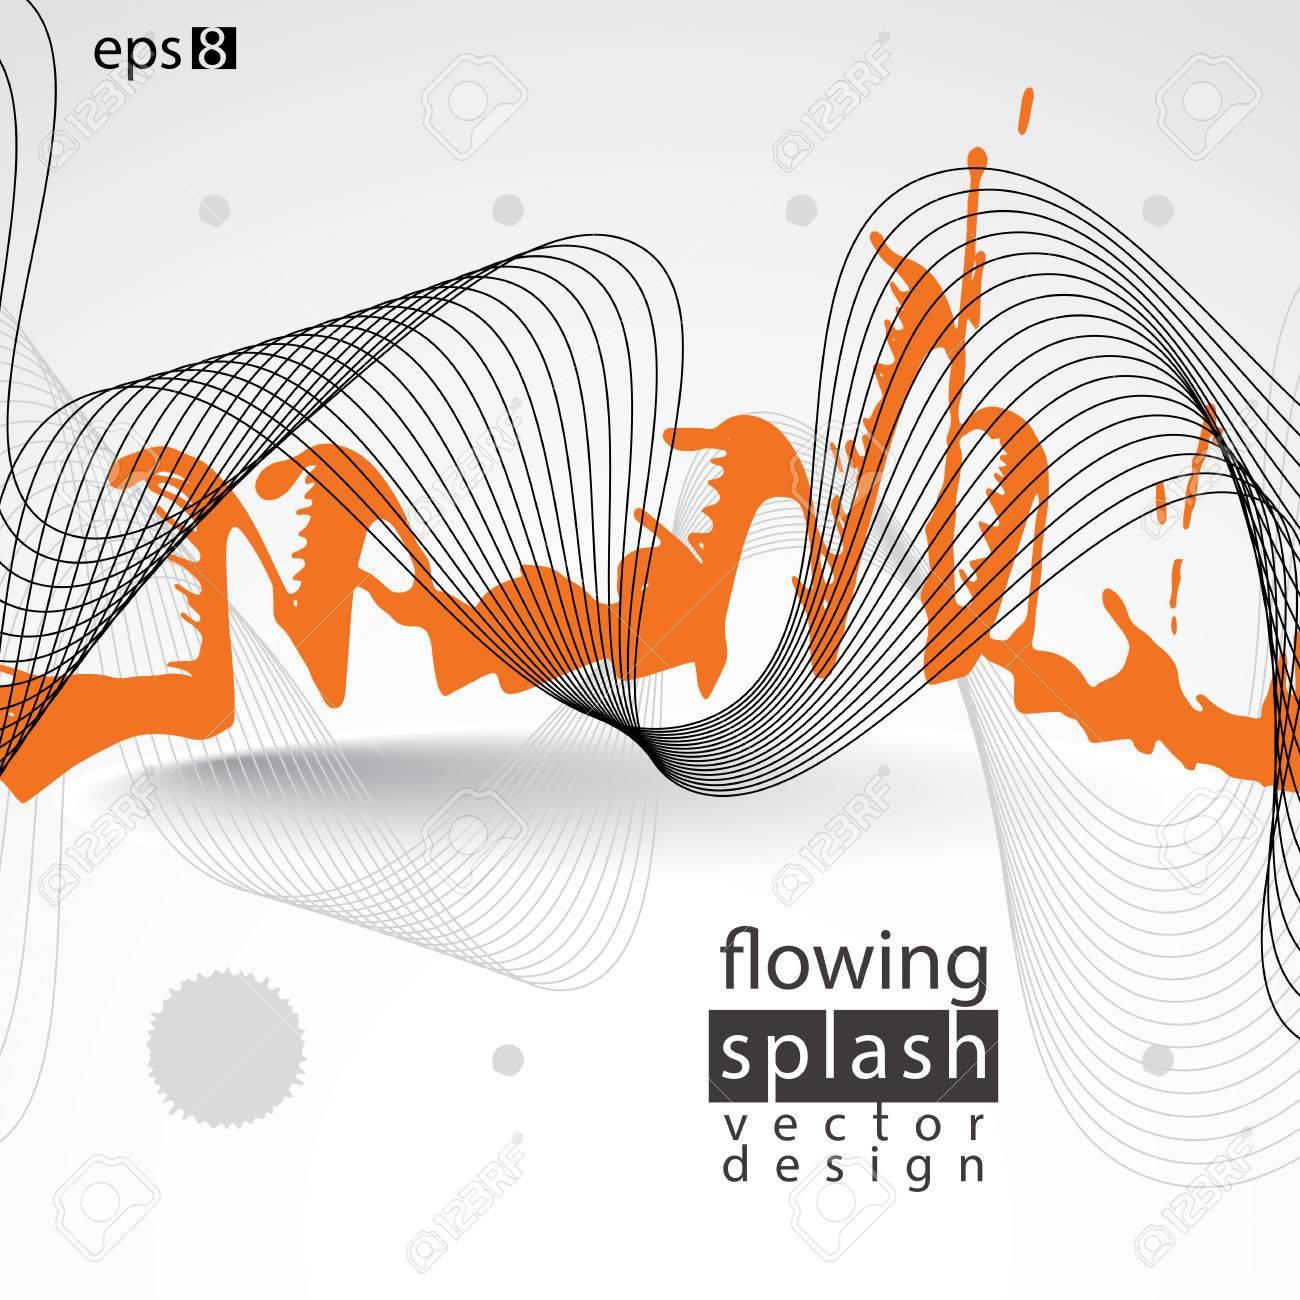 モダンな真っ黒な壁紙 流れるような線 ブラシで塗りつぶされた一時的な Blob 混乱オレンジ落書き図形要素 表現力豊かなだらしない図 のイラスト素材 ベクタ Image